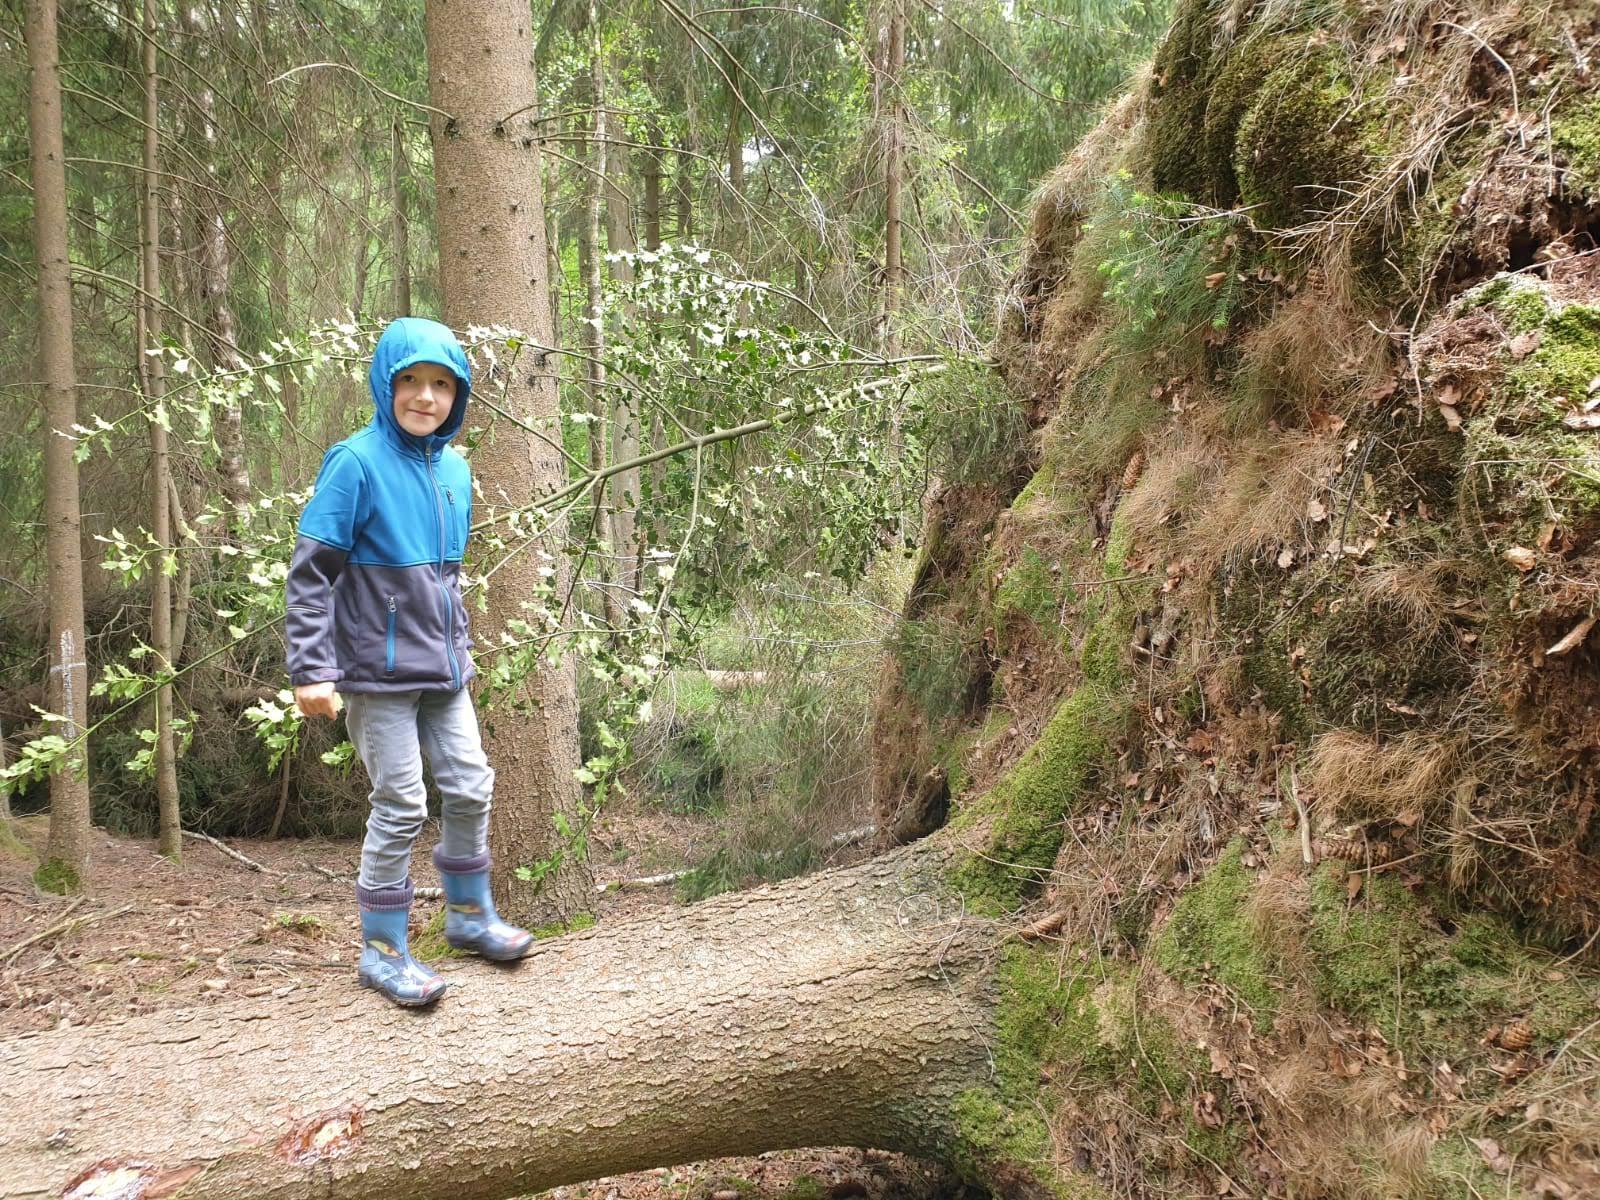 ... mit Melvin am Oberlauf der Iter im Münsterwald